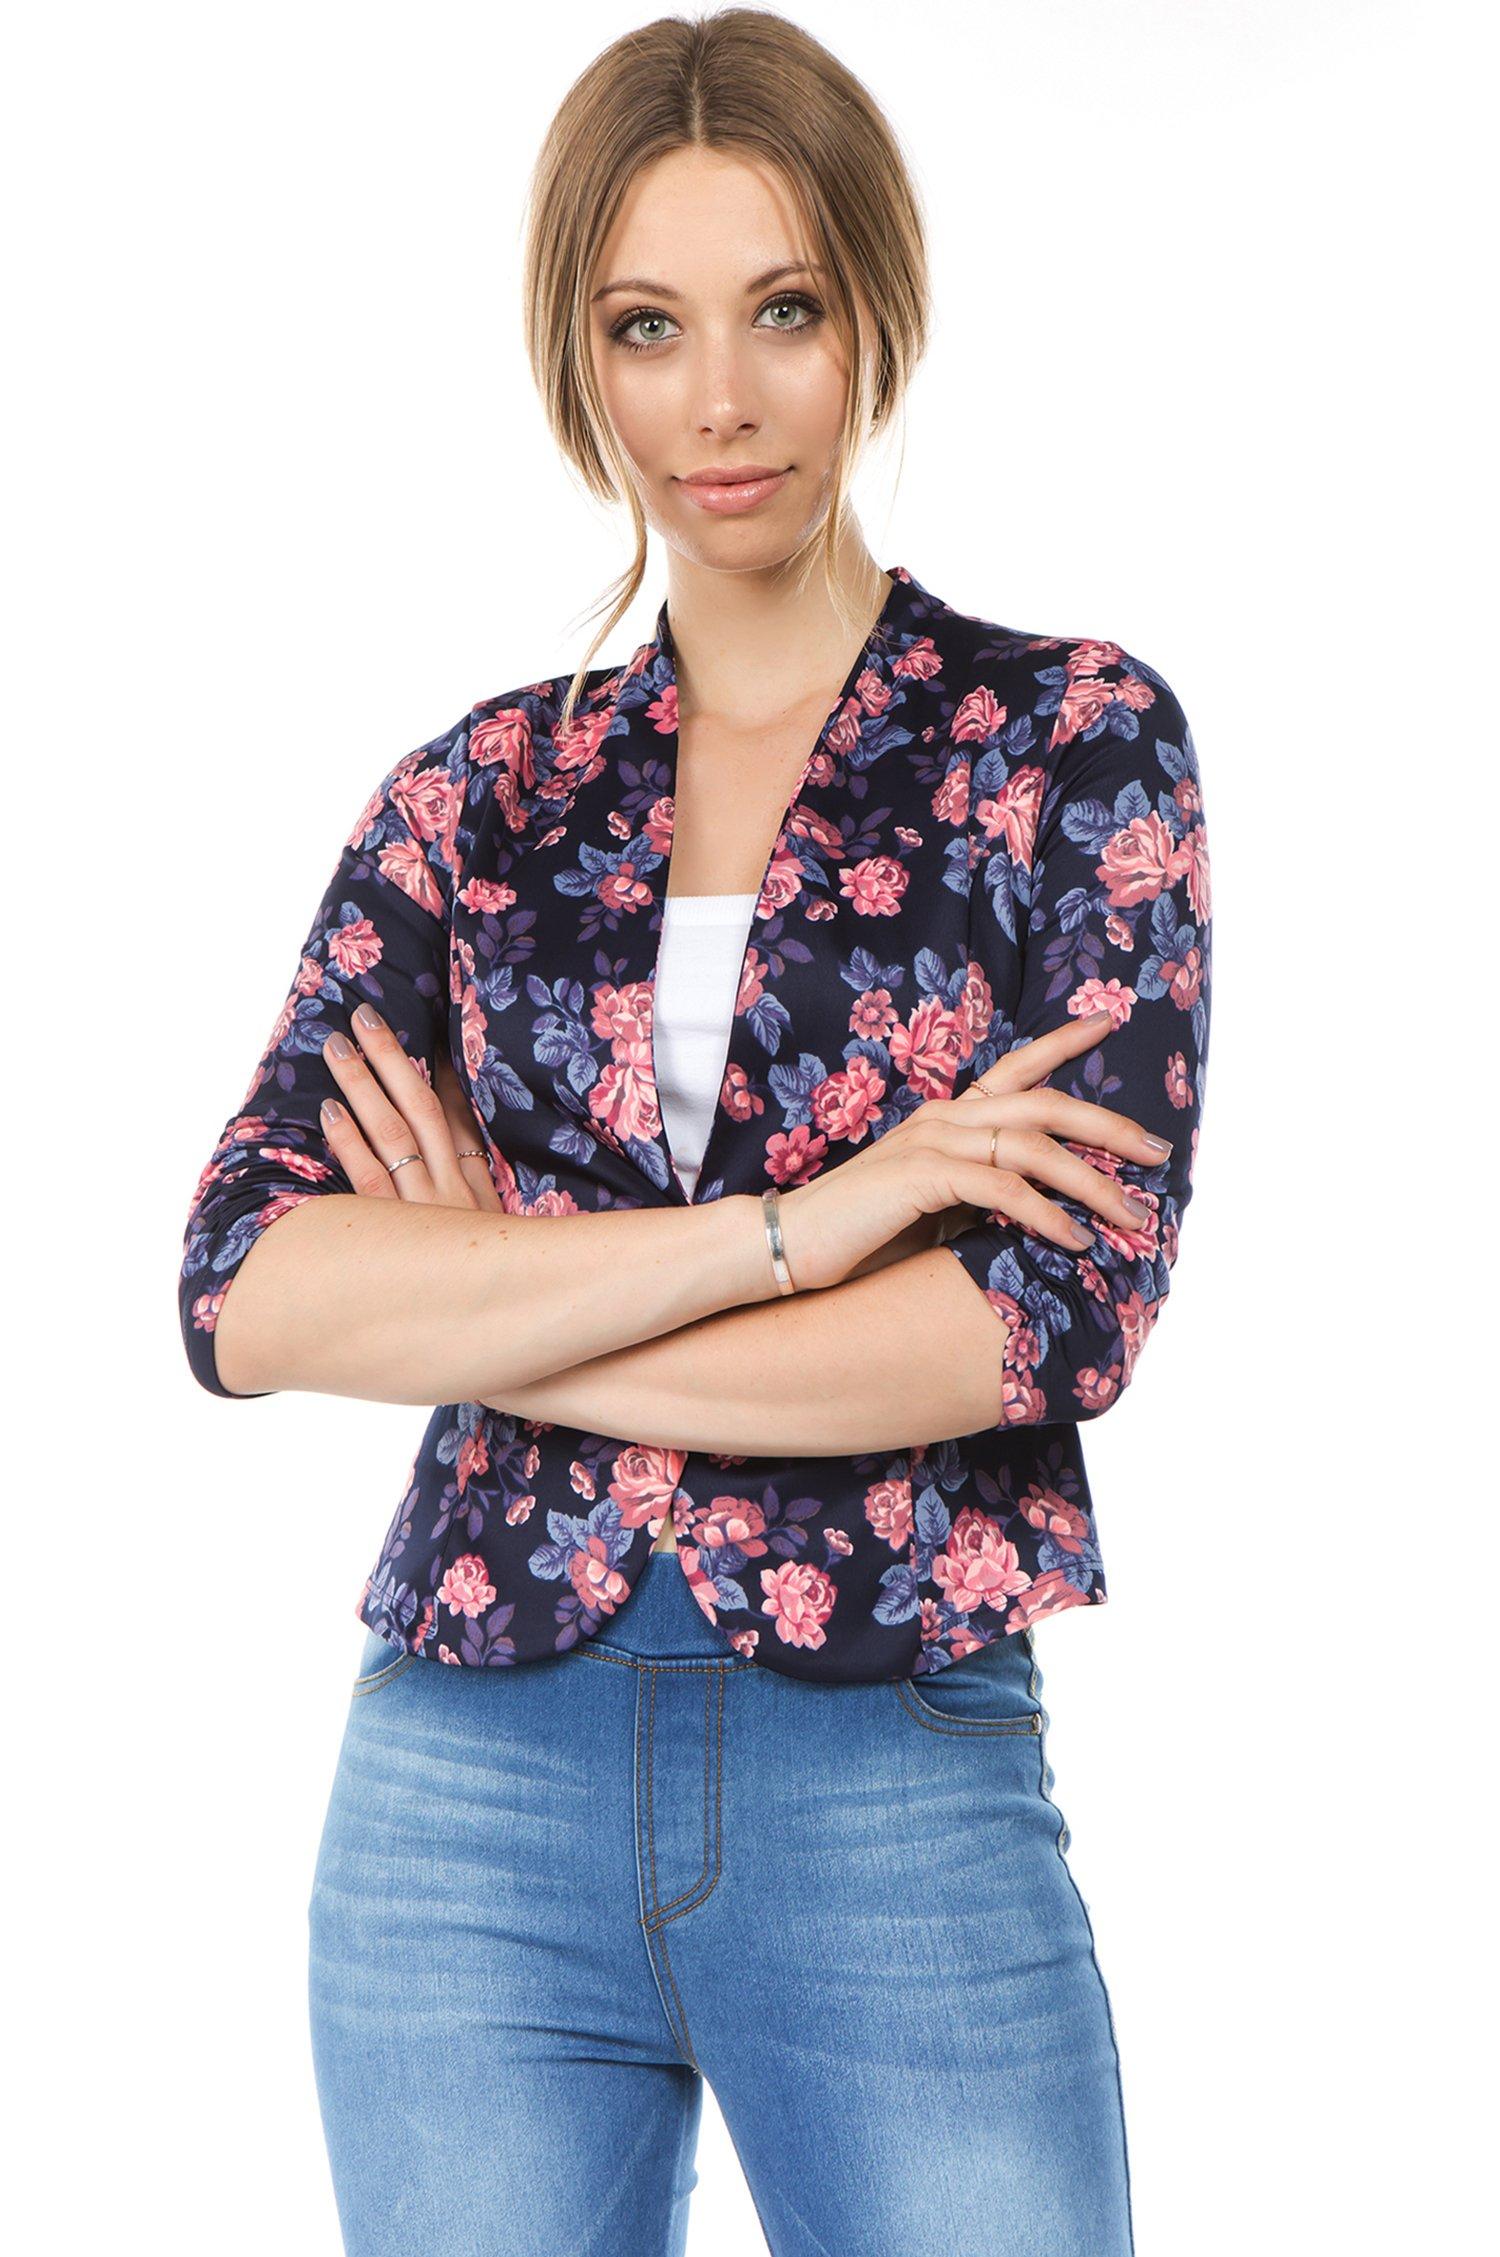 Bubble B Women's Floral Print Blazer Button Front Jacket Navy Blue L